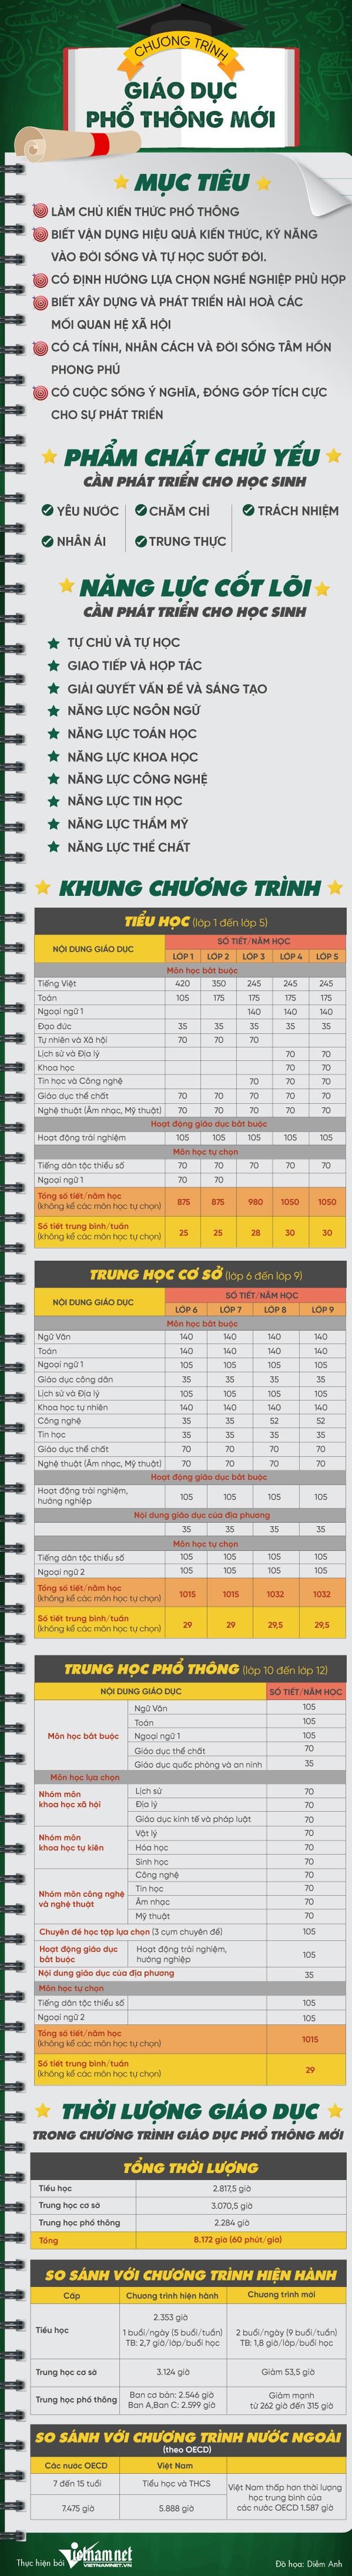 Công bố 27 chương trình môn học phổ thông mới